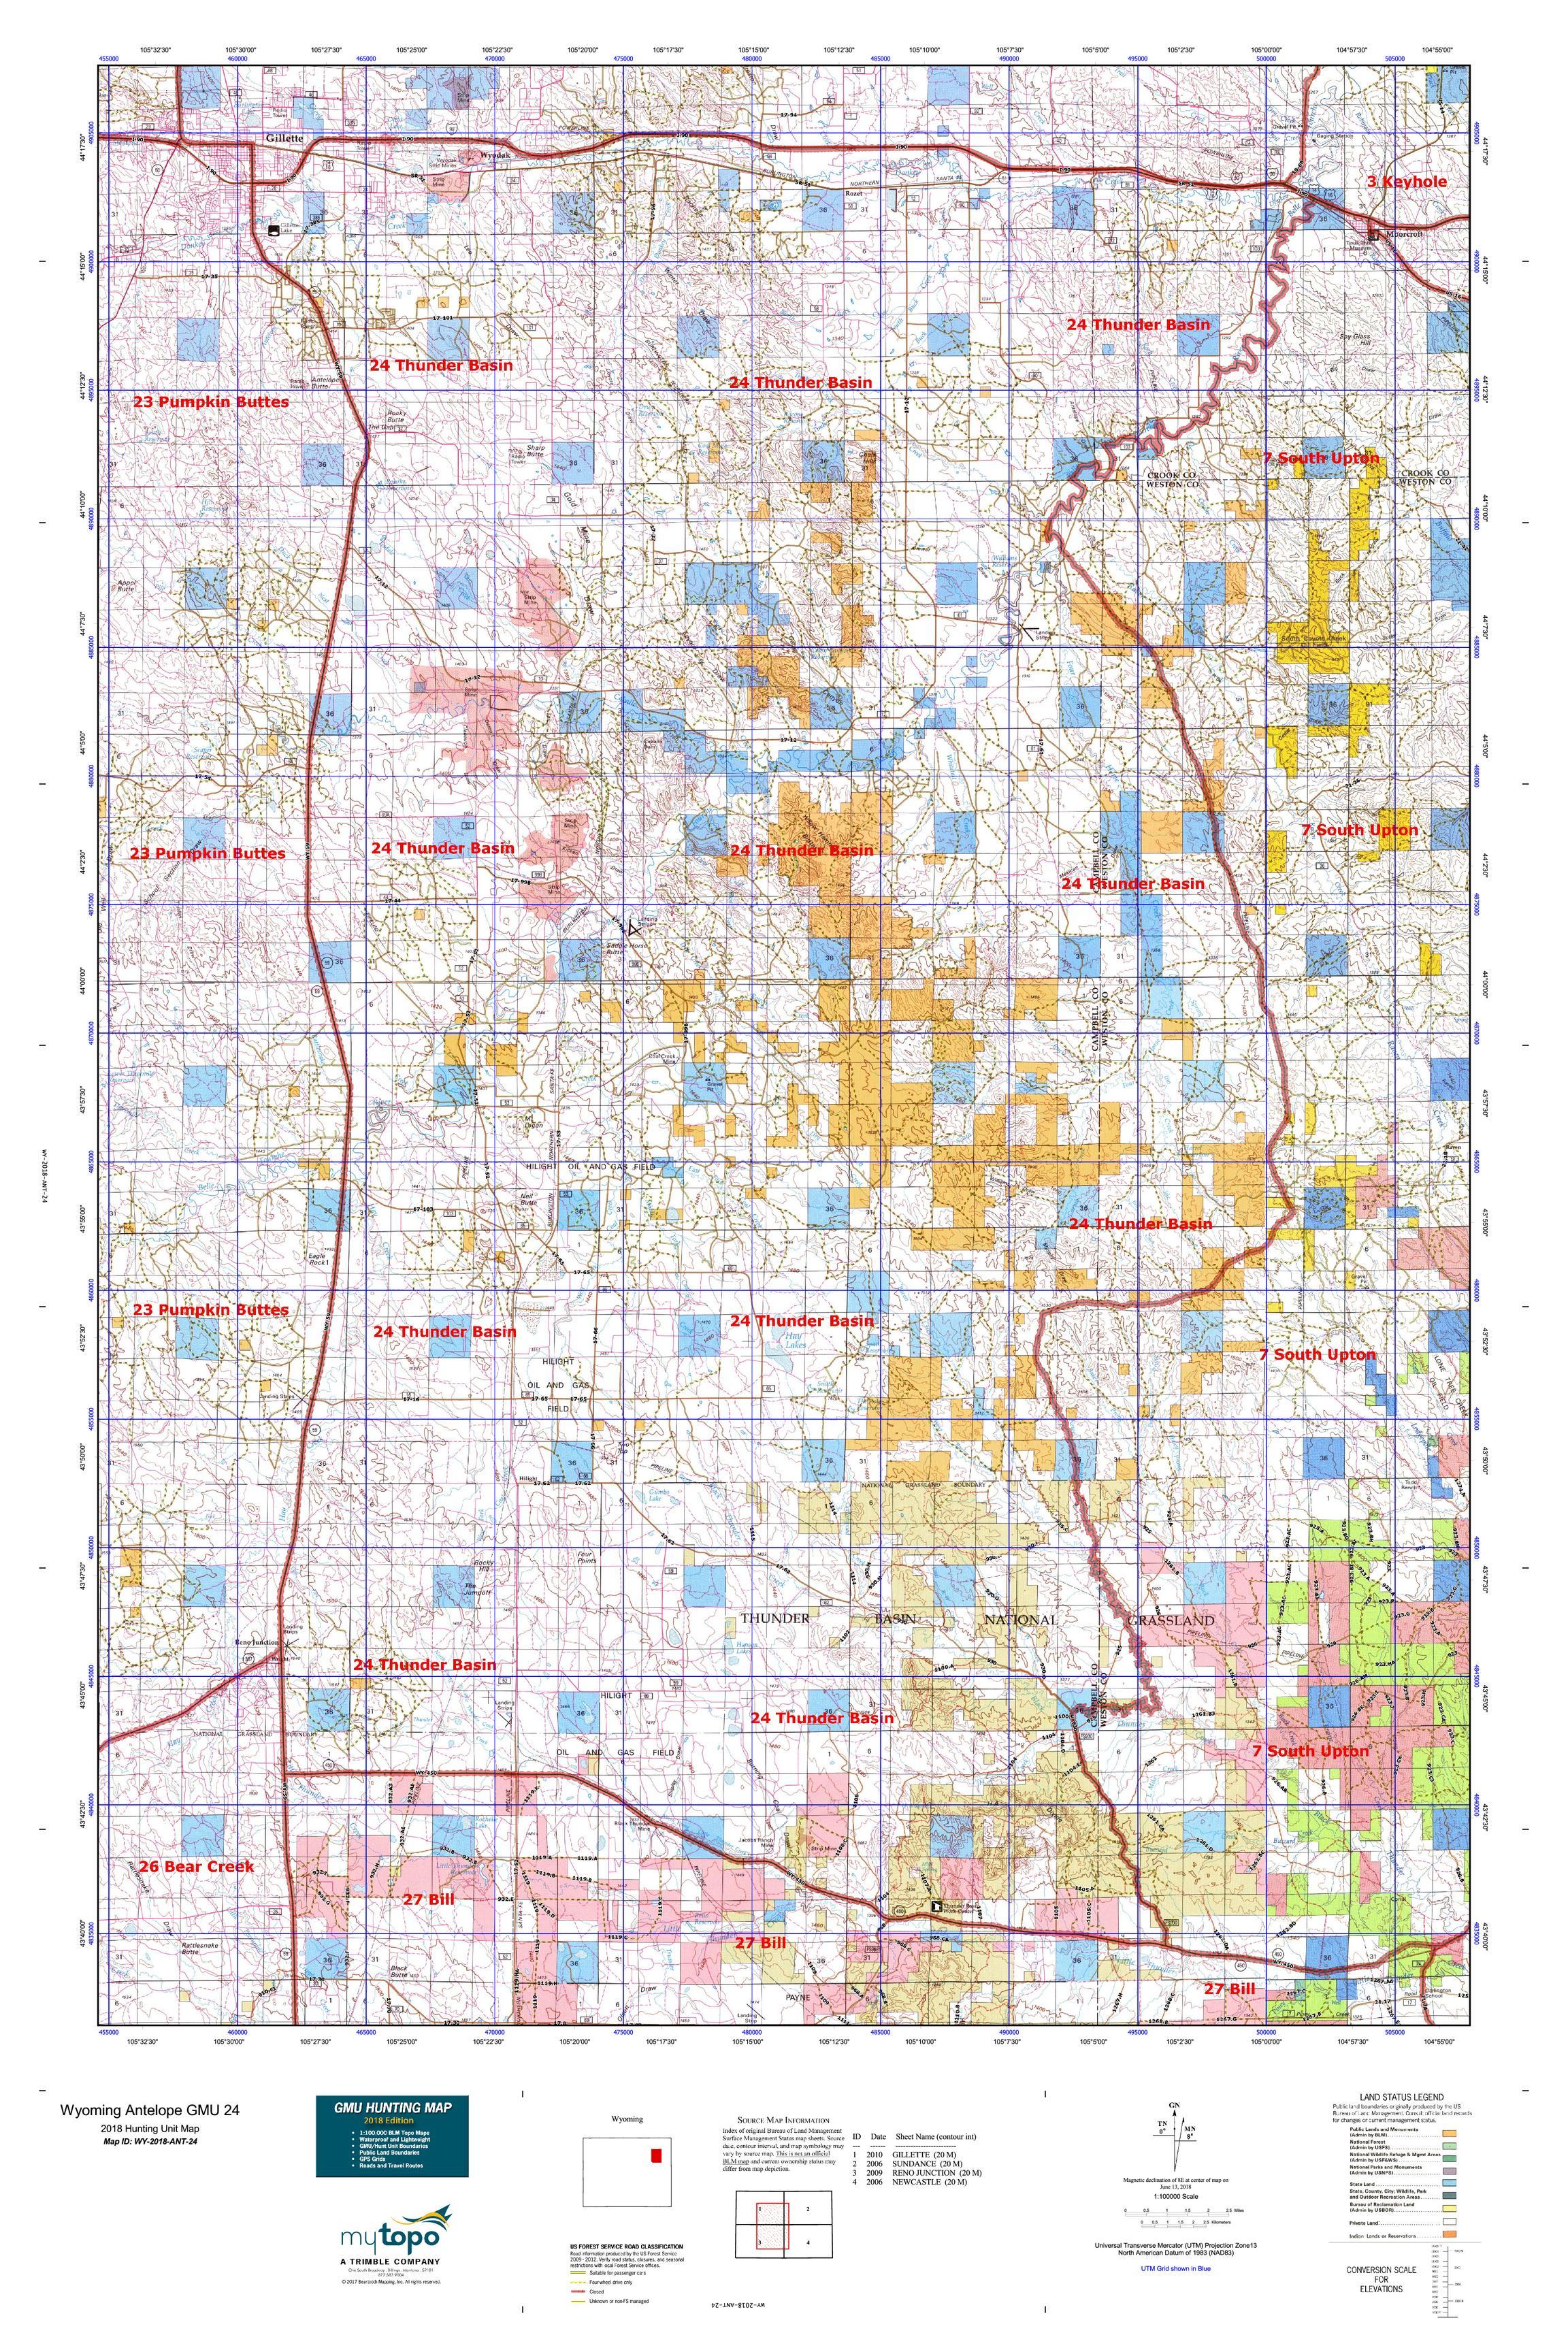 Wyoming Antelope GMU 24 Map | MyTopo